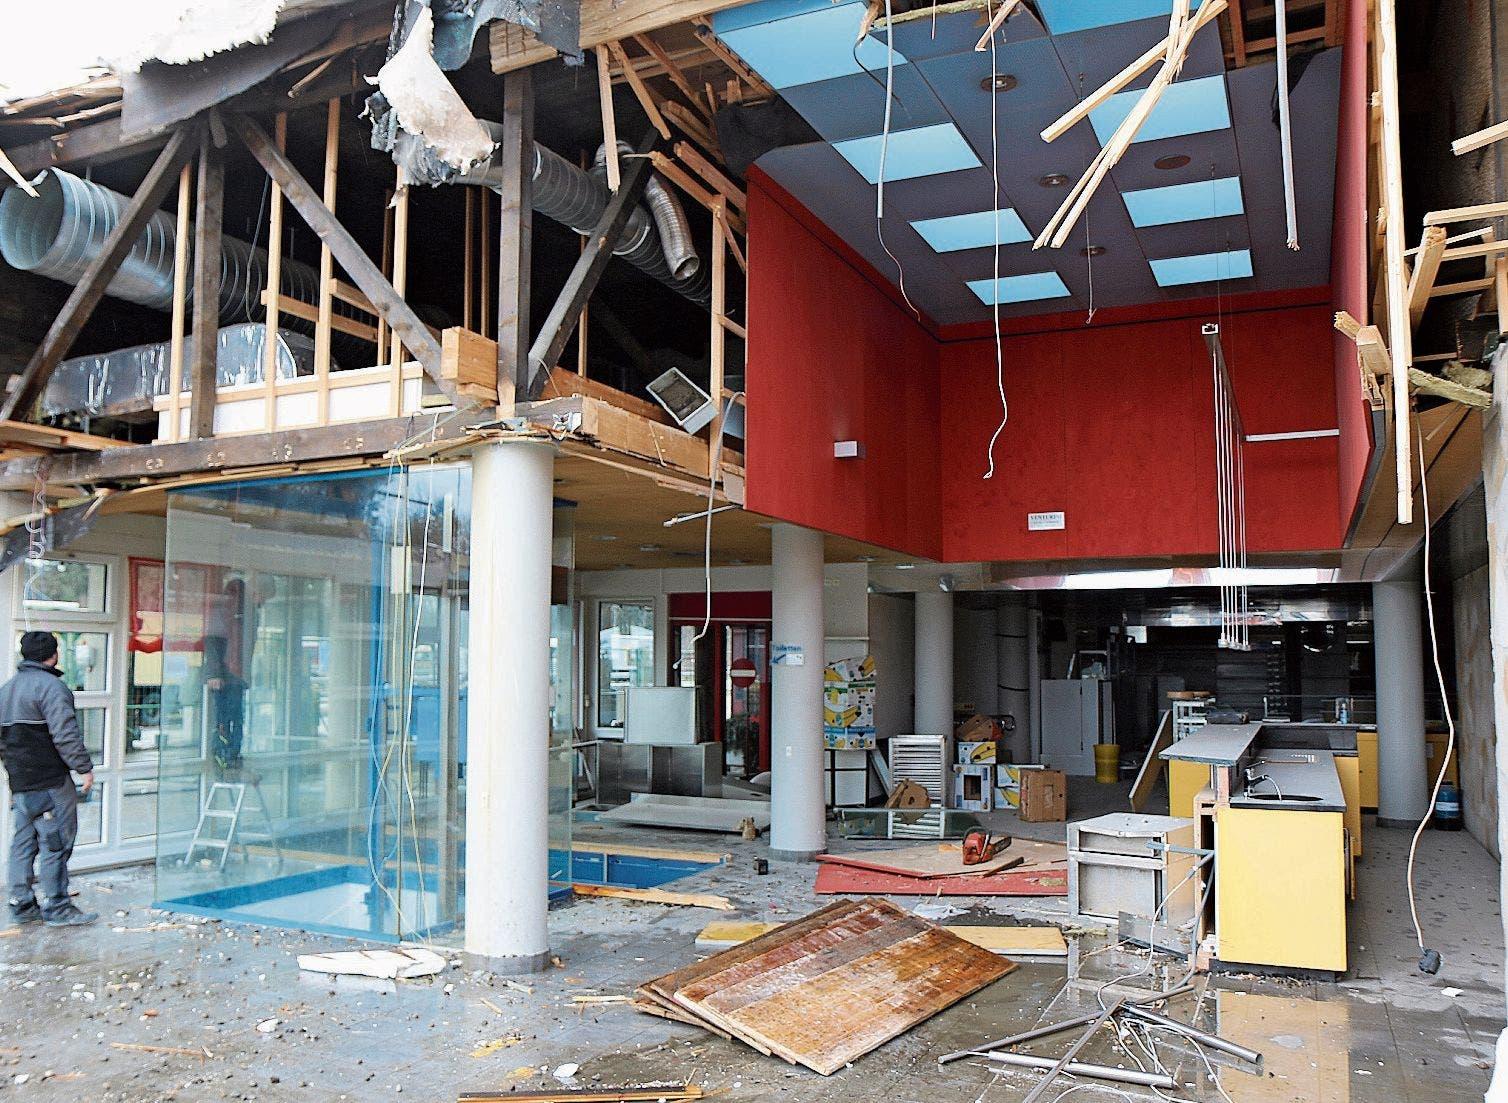 Als hätte ein Wirbelsturm das Gebäude zerstört: Blick in das ausgediente Restaurant an der Autobahn A1 in der Thurau.